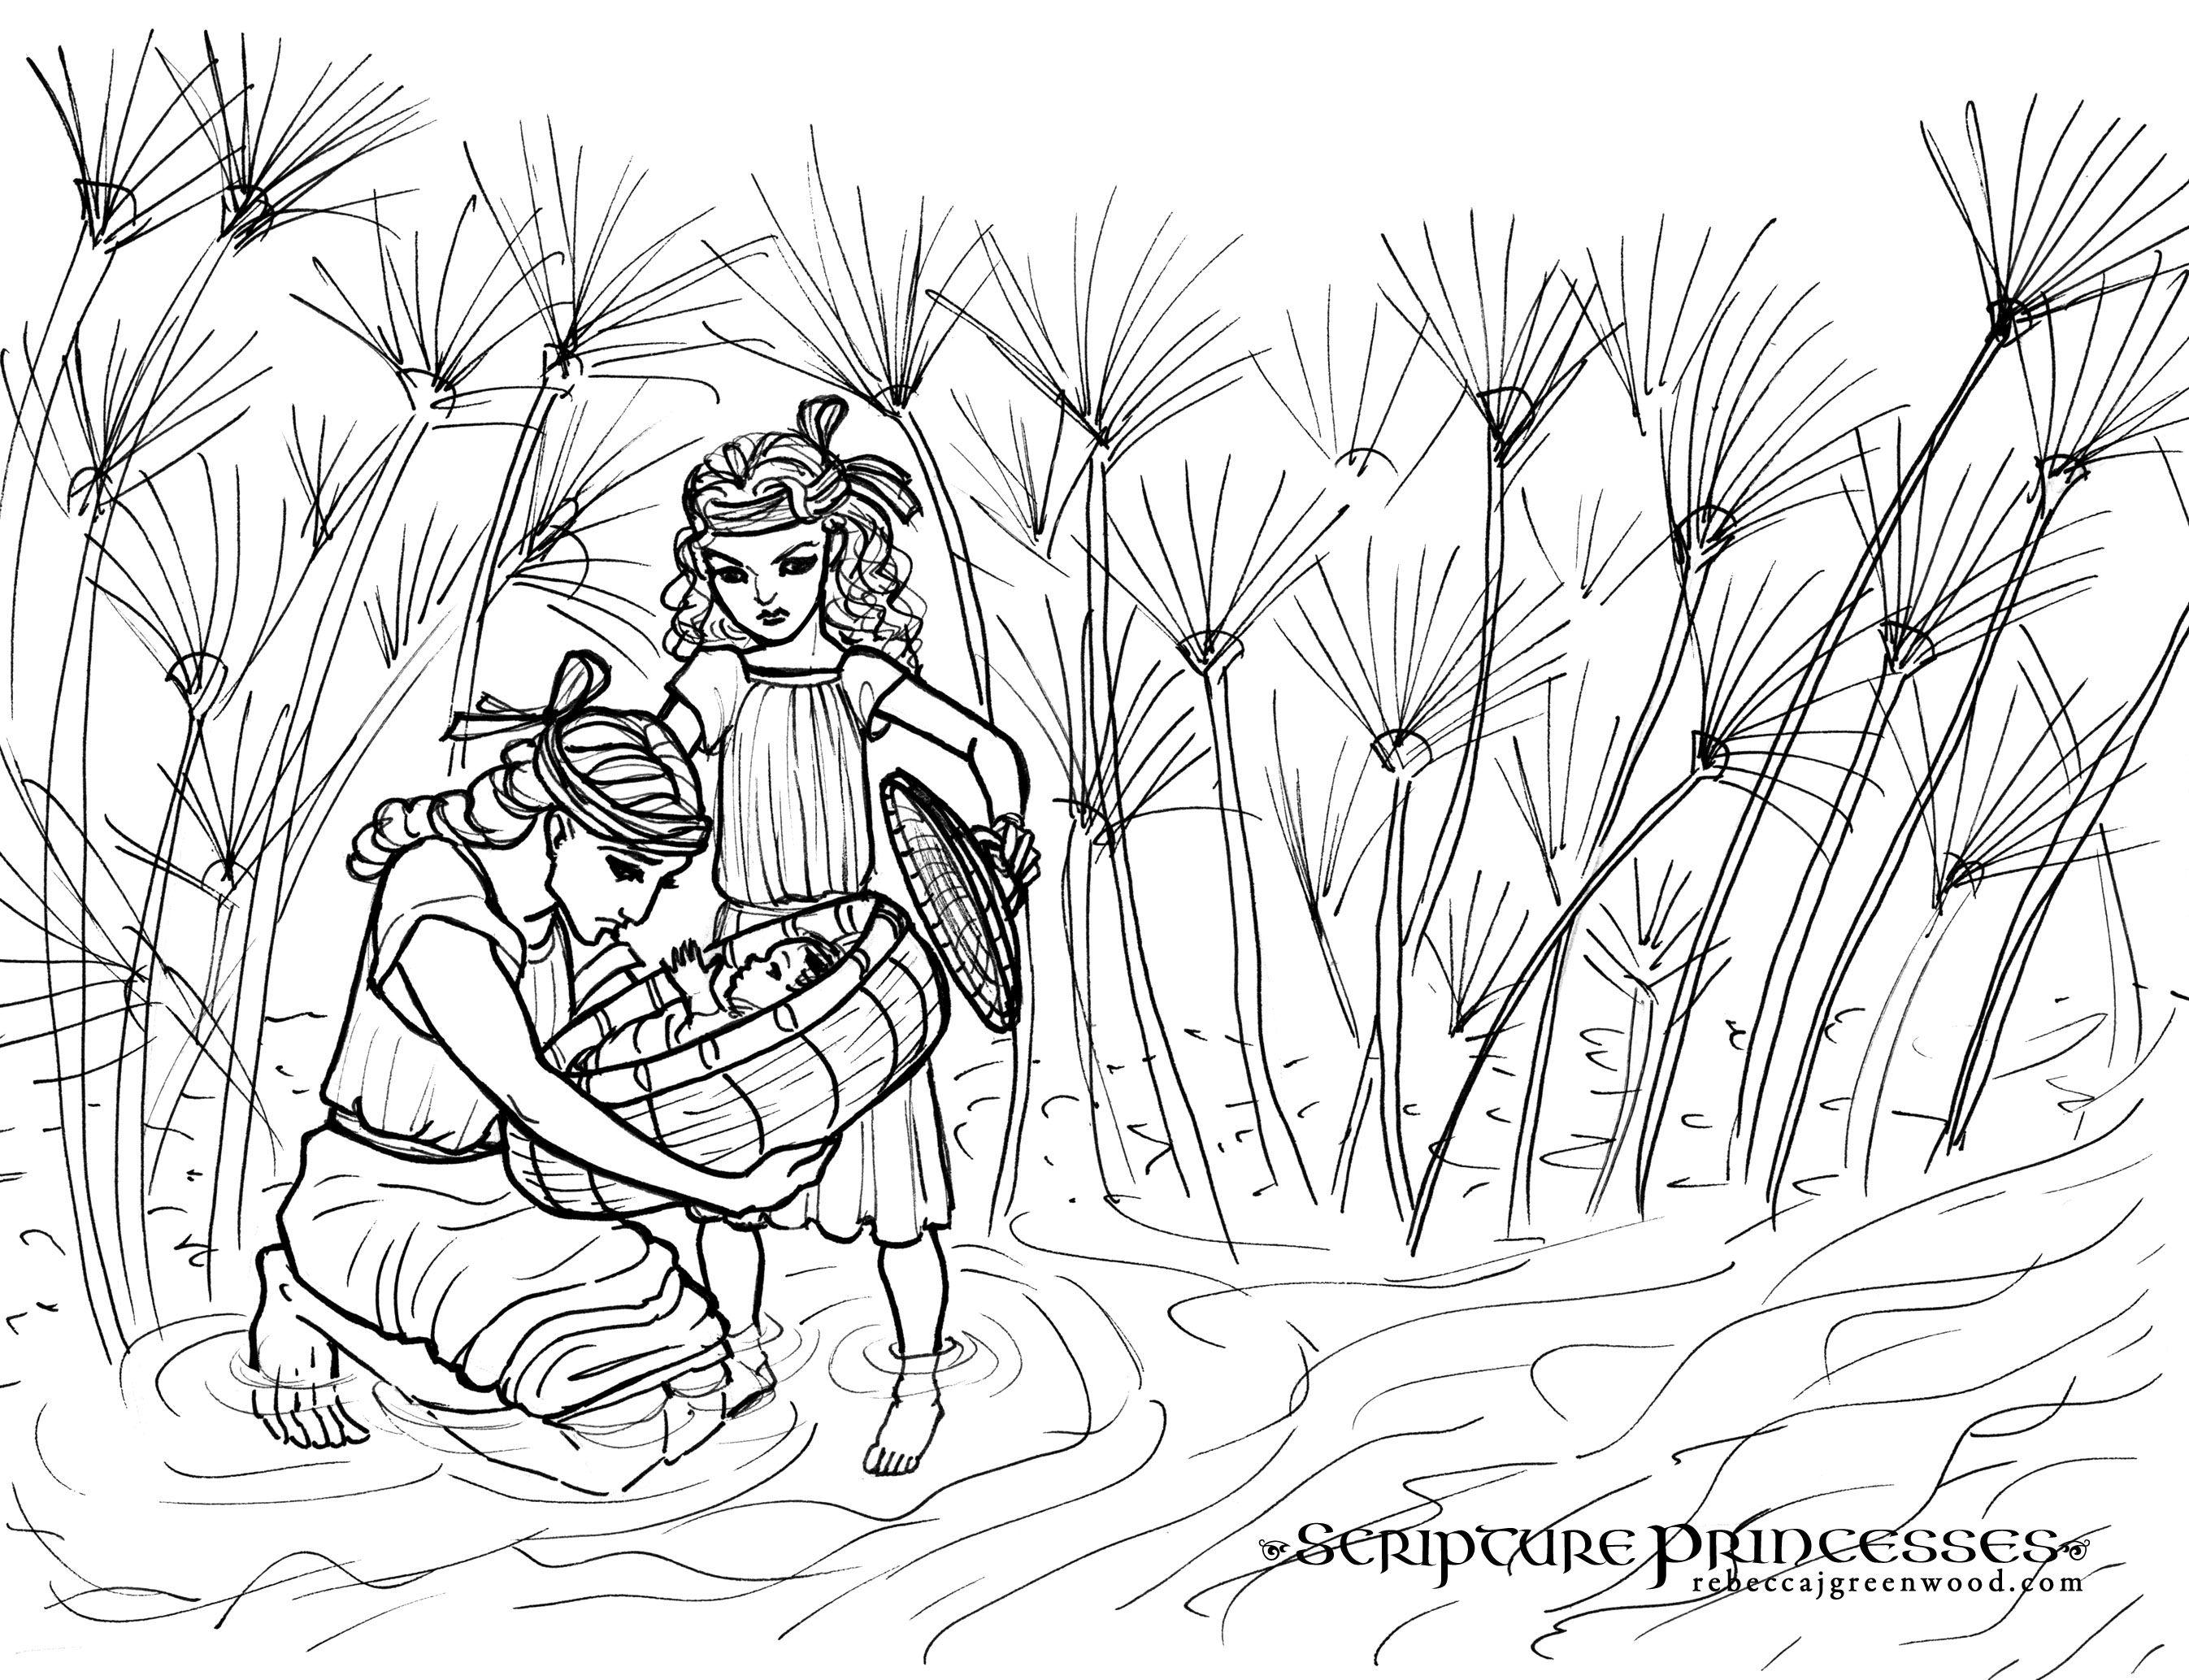 miriam and baby moses coloring page - Penelusuran Google | Sunday ...